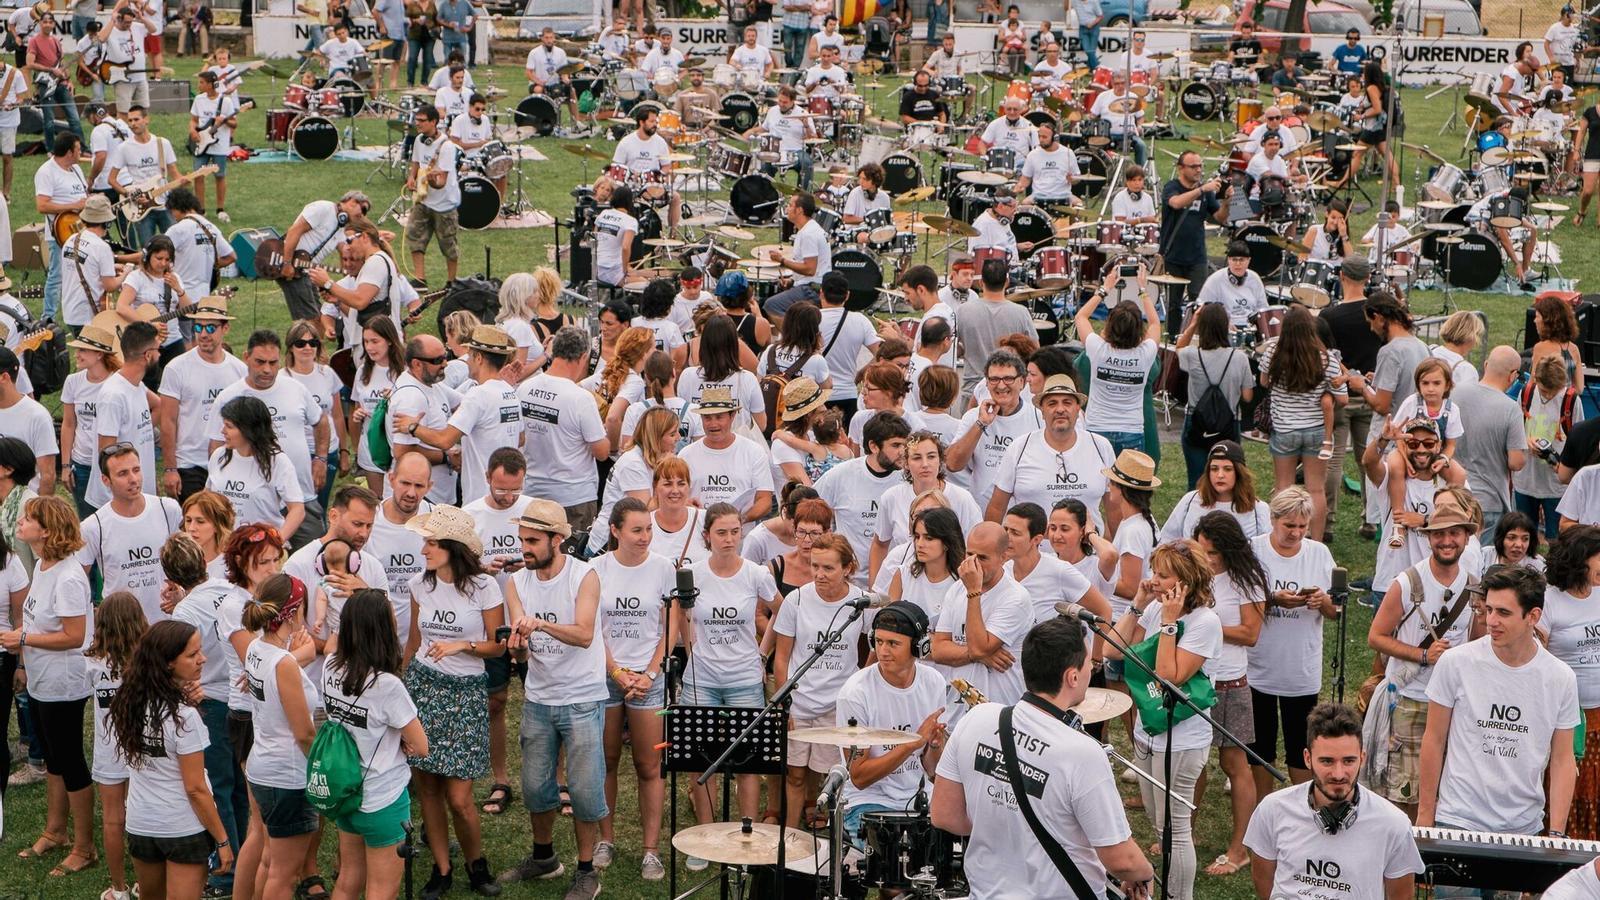 Més de 4000 persones homenatgen Springsteen a Bellpuig